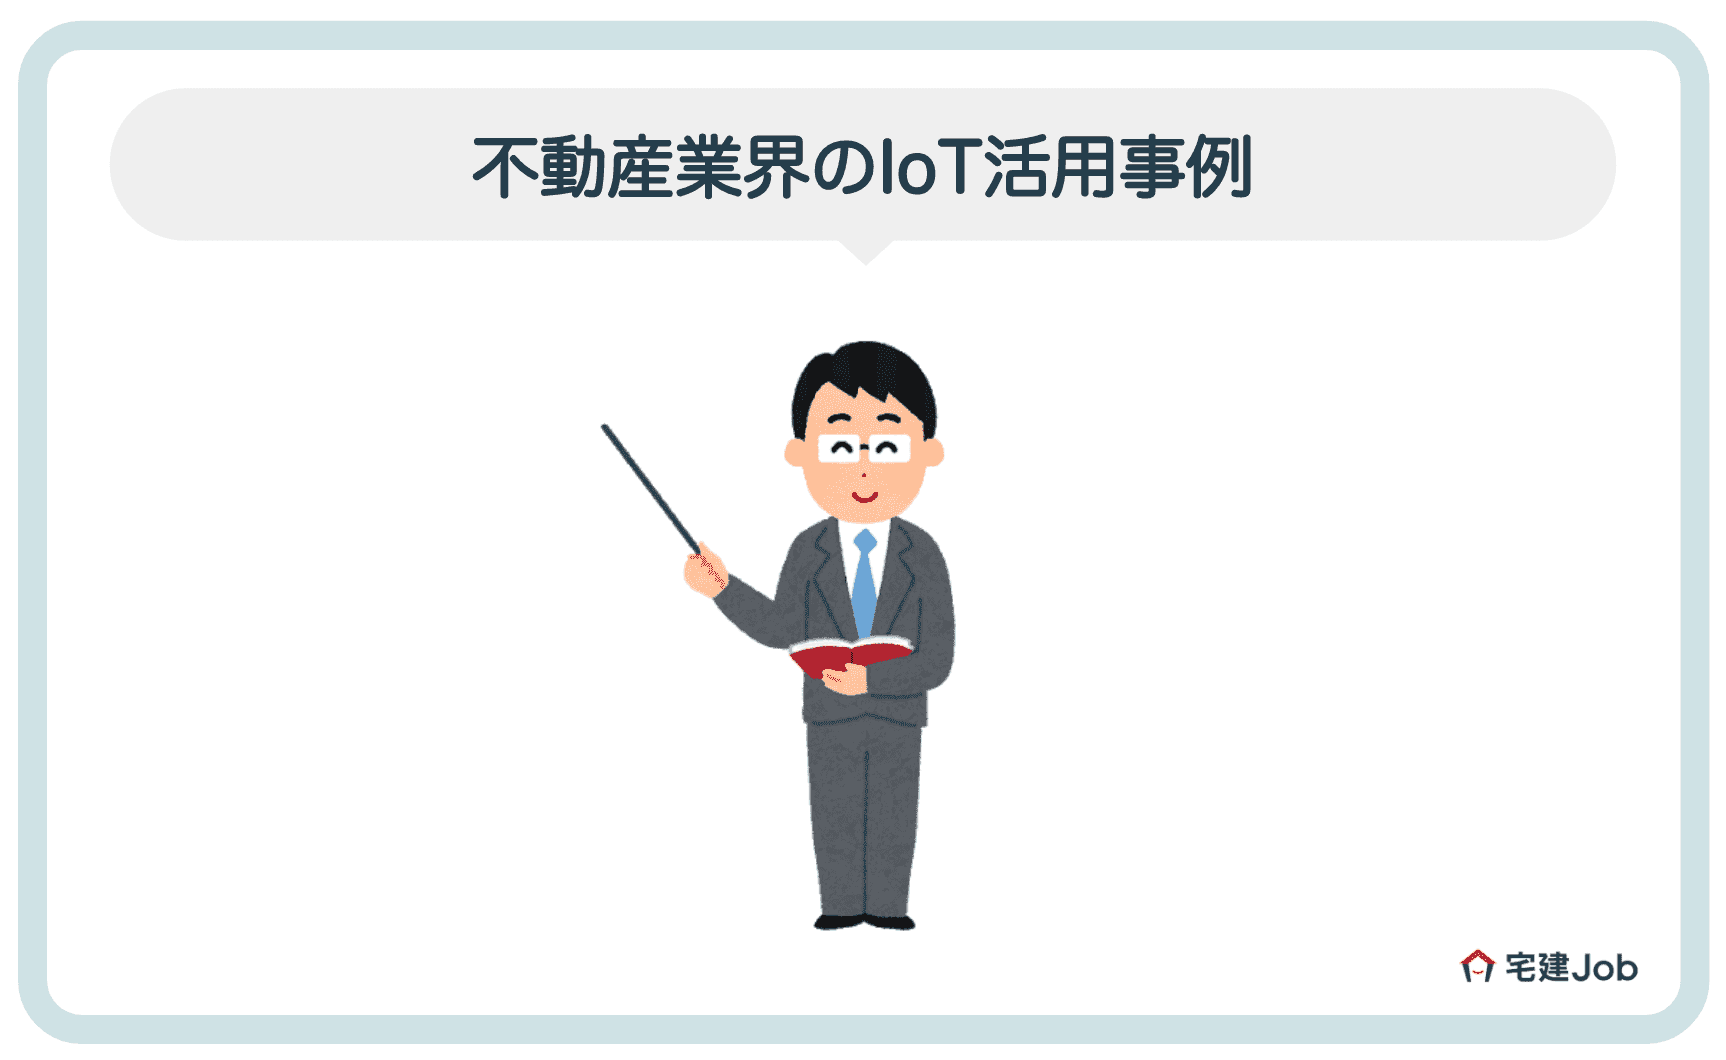 1.不動産業界でのIoT活用事例【2020年最新】